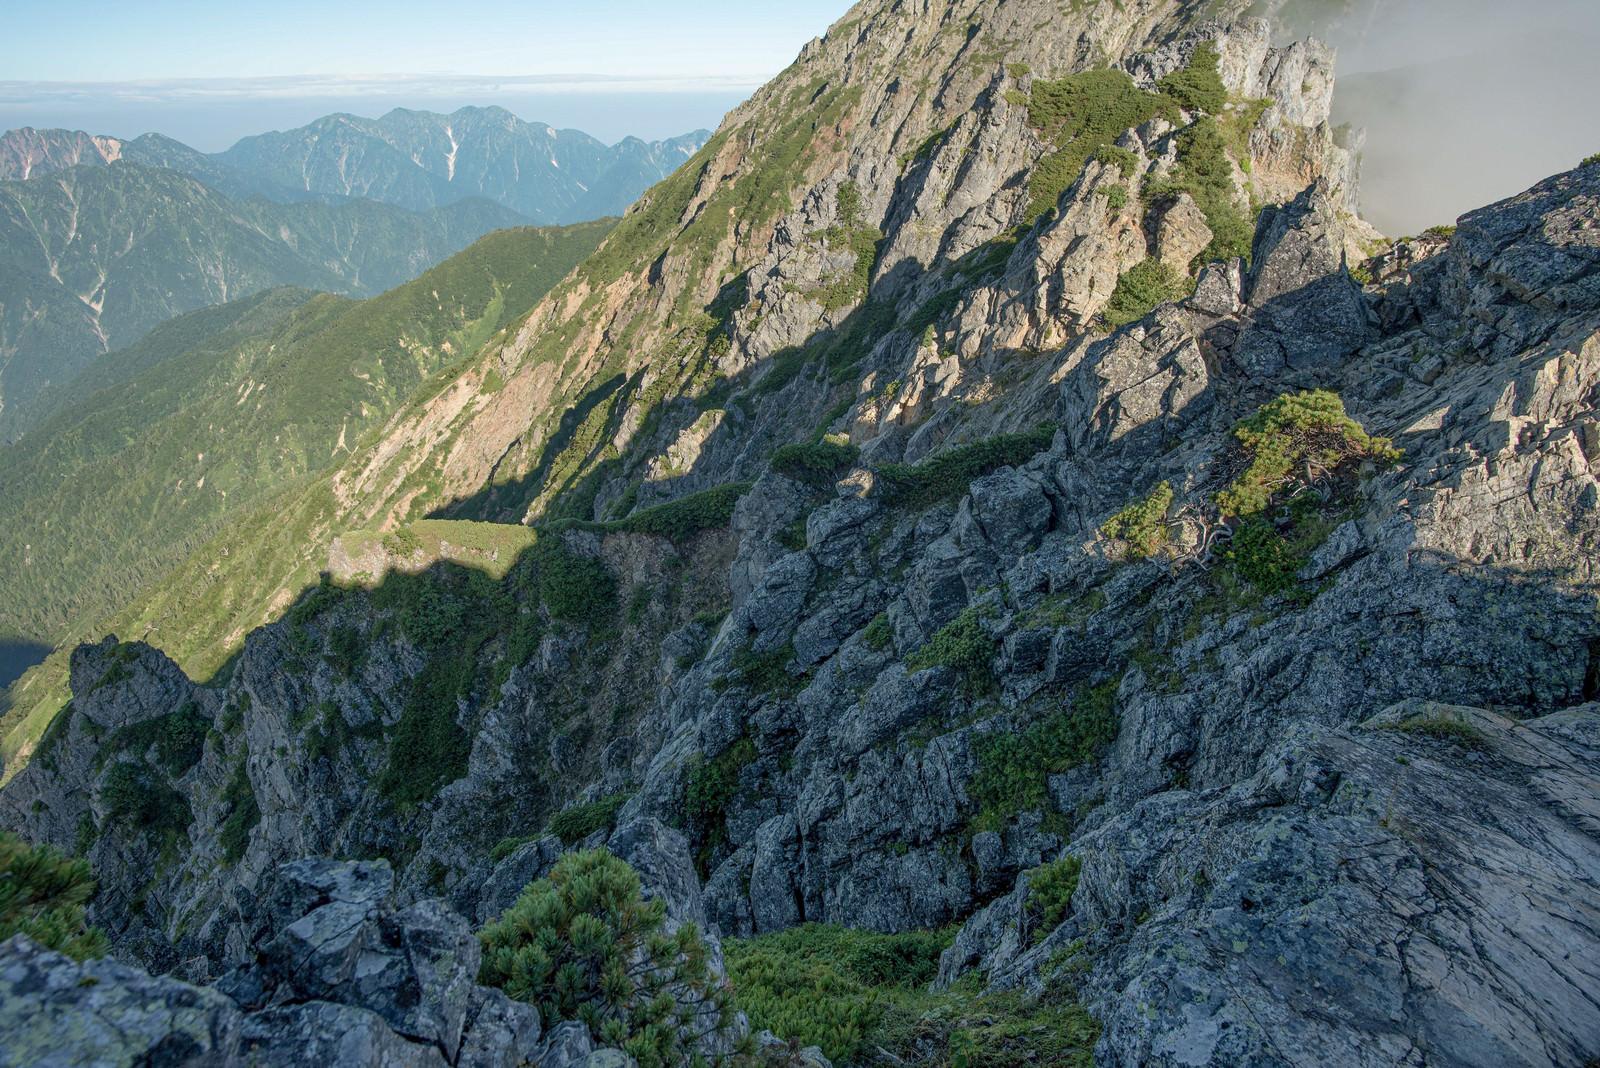 「登山道から見下ろした岩稜の影」の写真